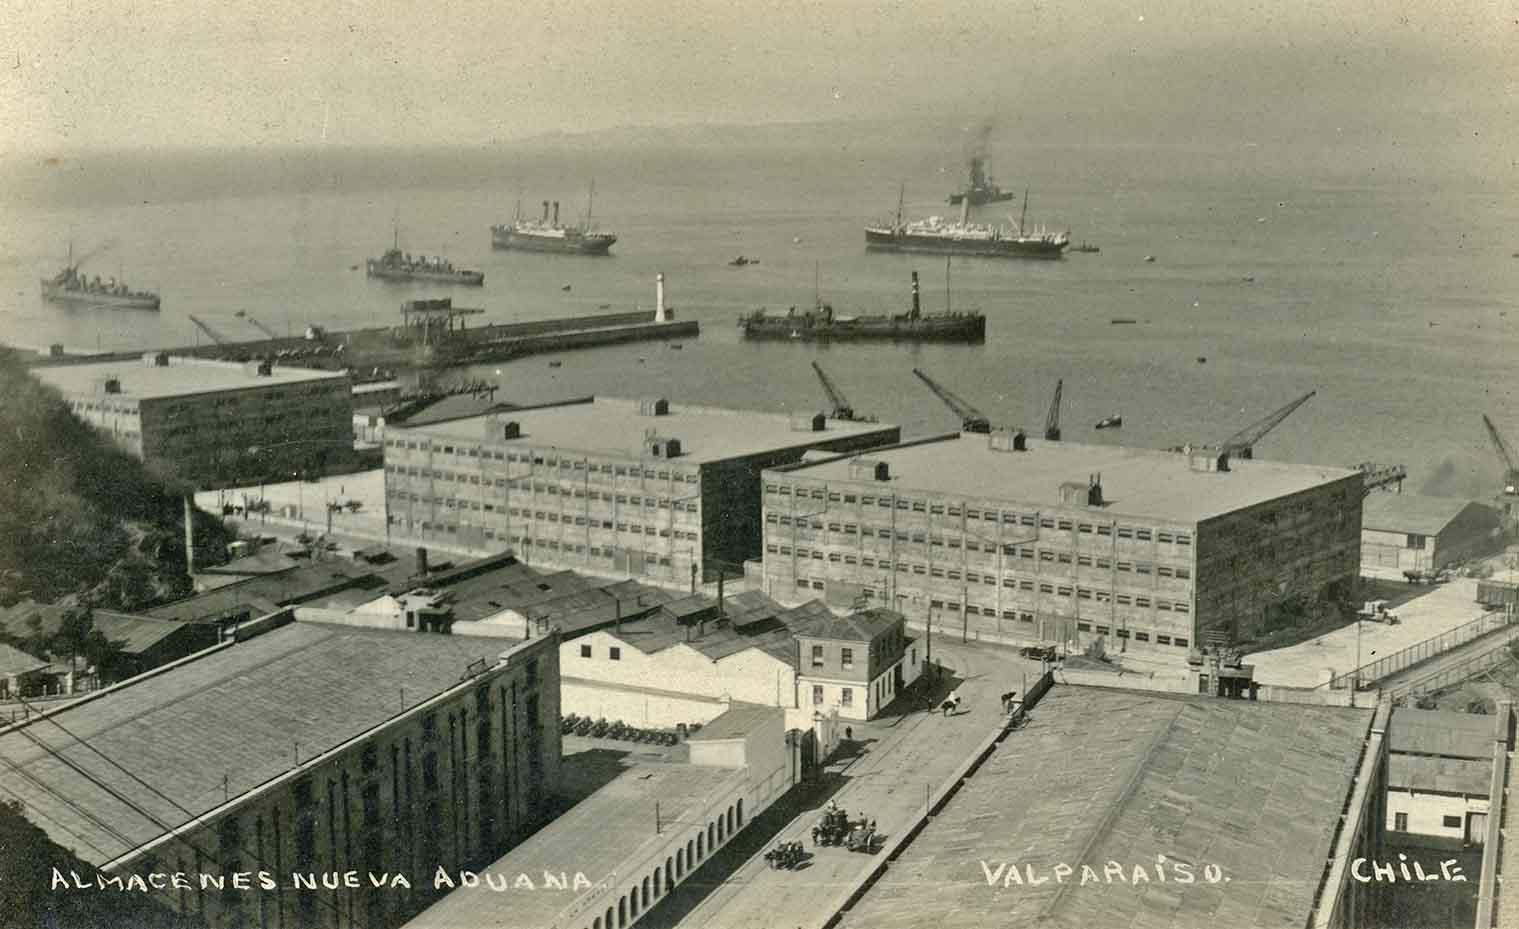 Enterreno - Fotos históricas de chile - fotos antiguas de Chile - Almacenes de Valparaíso en 1924